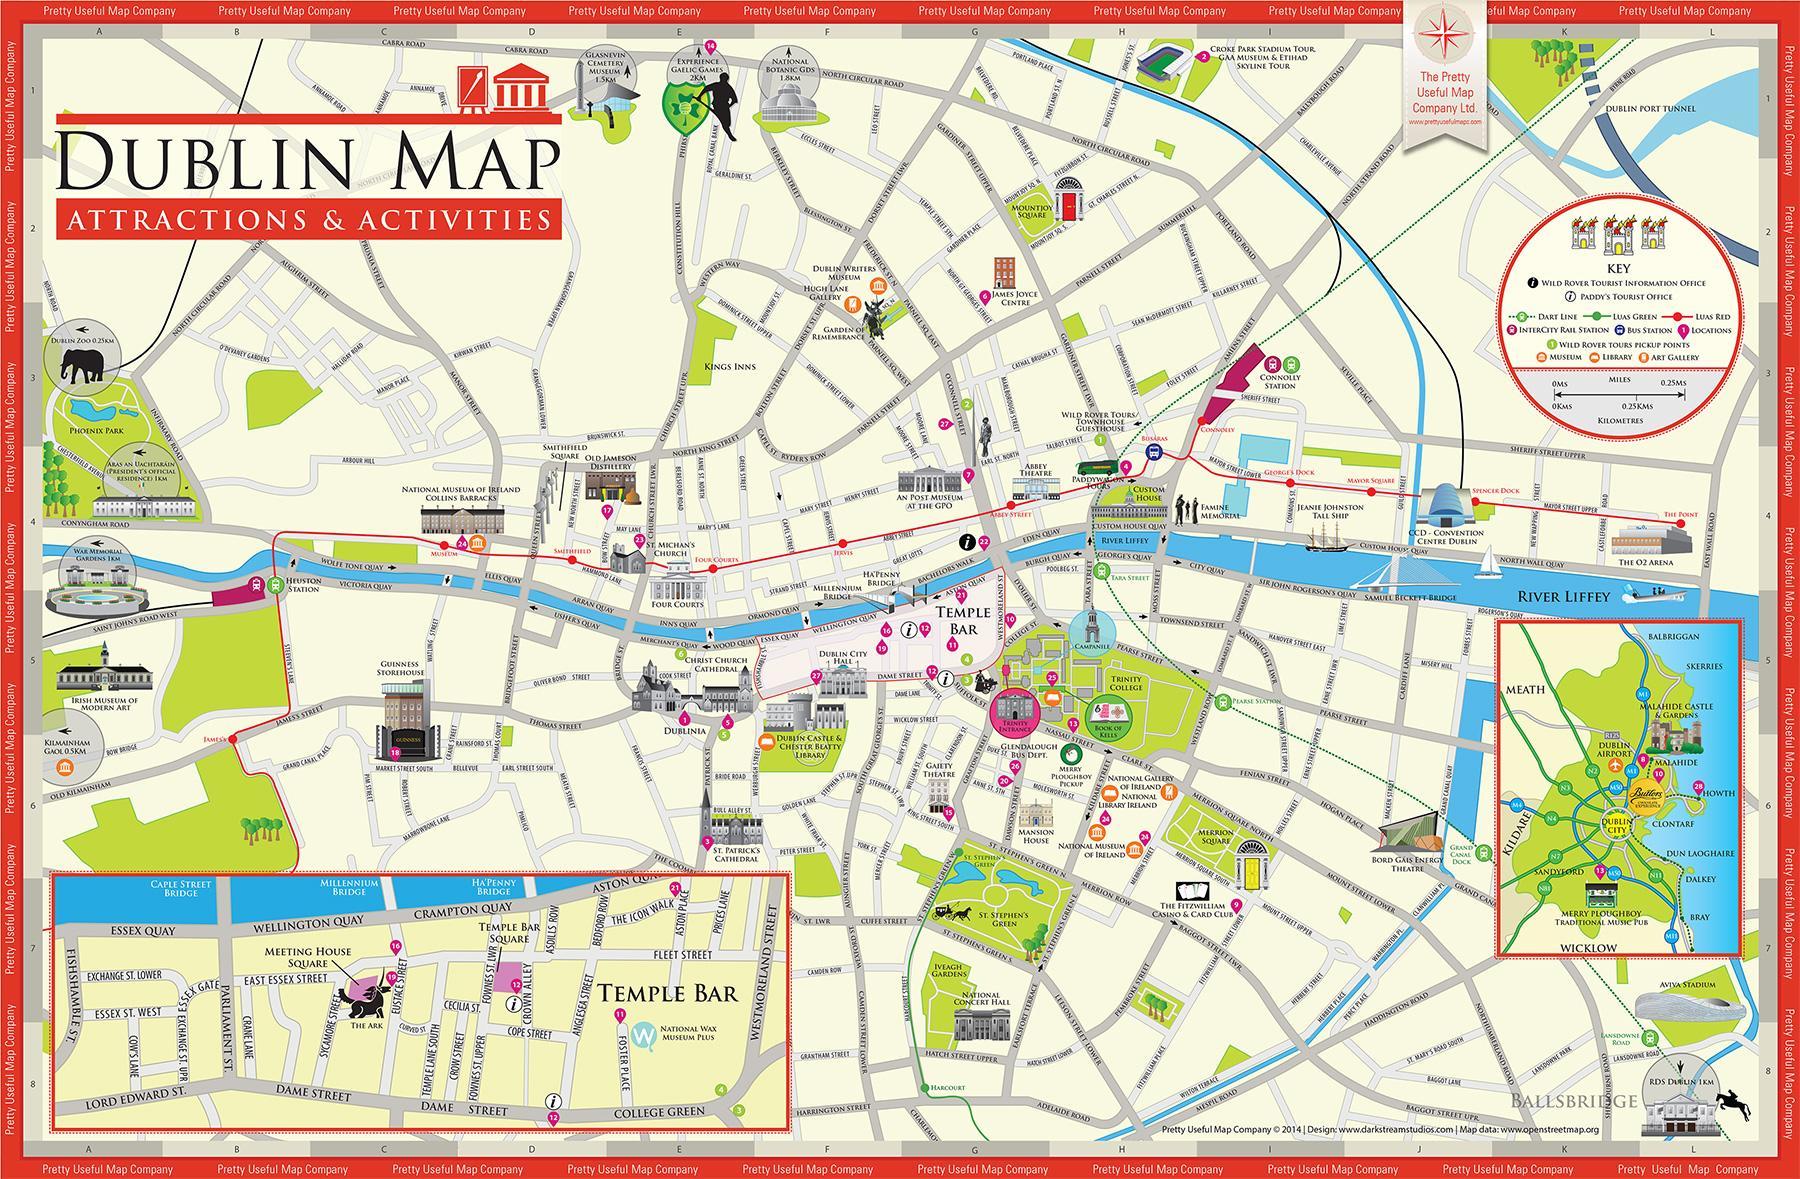 Http Fi Maps Dublin Com Http Fi Maps Dublin Com Dublin Kartta Http